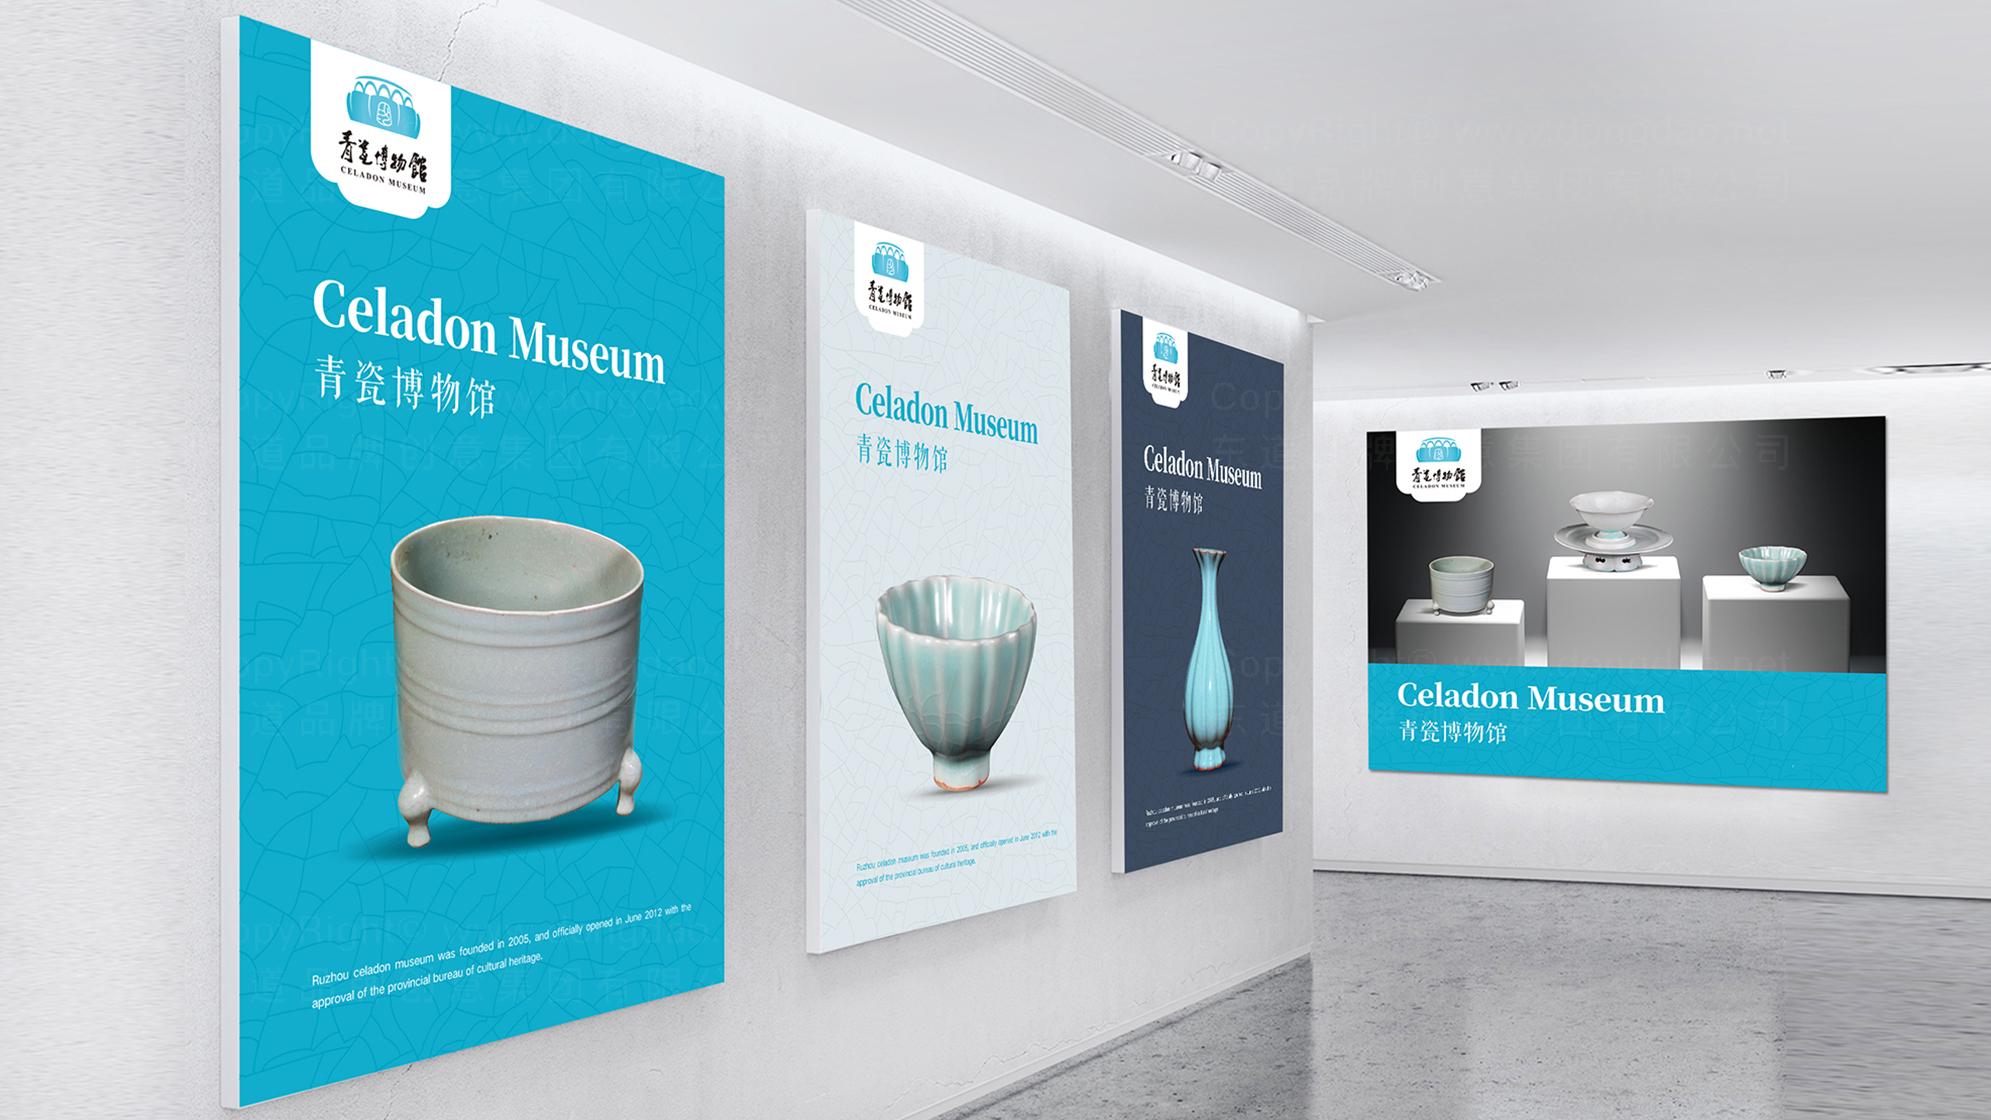 品牌设计青瓷博物馆logo设计、vi设计应用场景_1